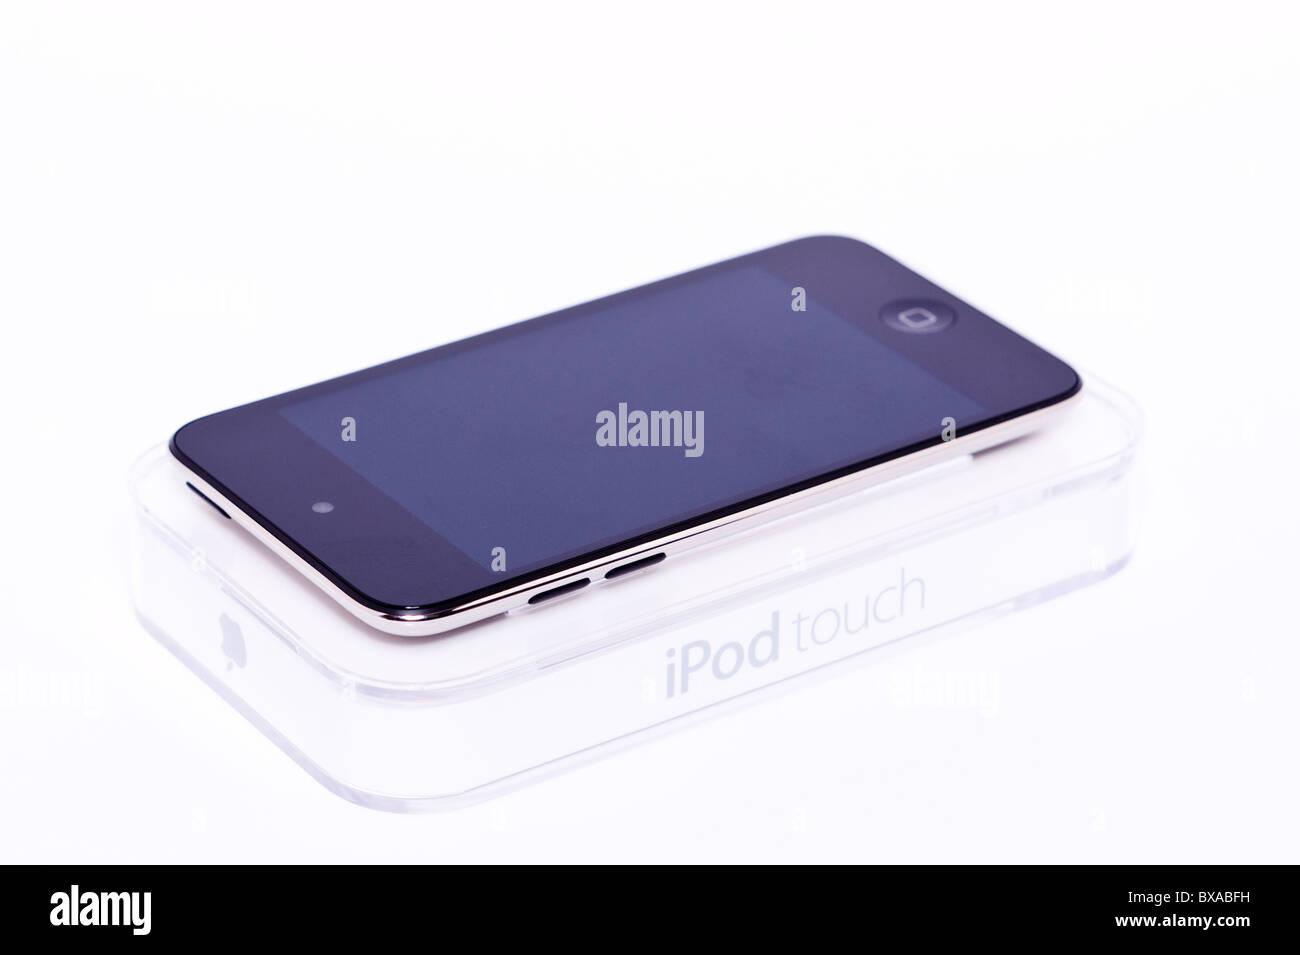 Le nouveau Apple Ipod touch 4e génération 4G 32gb media player sur un fond blanc Photo Stock